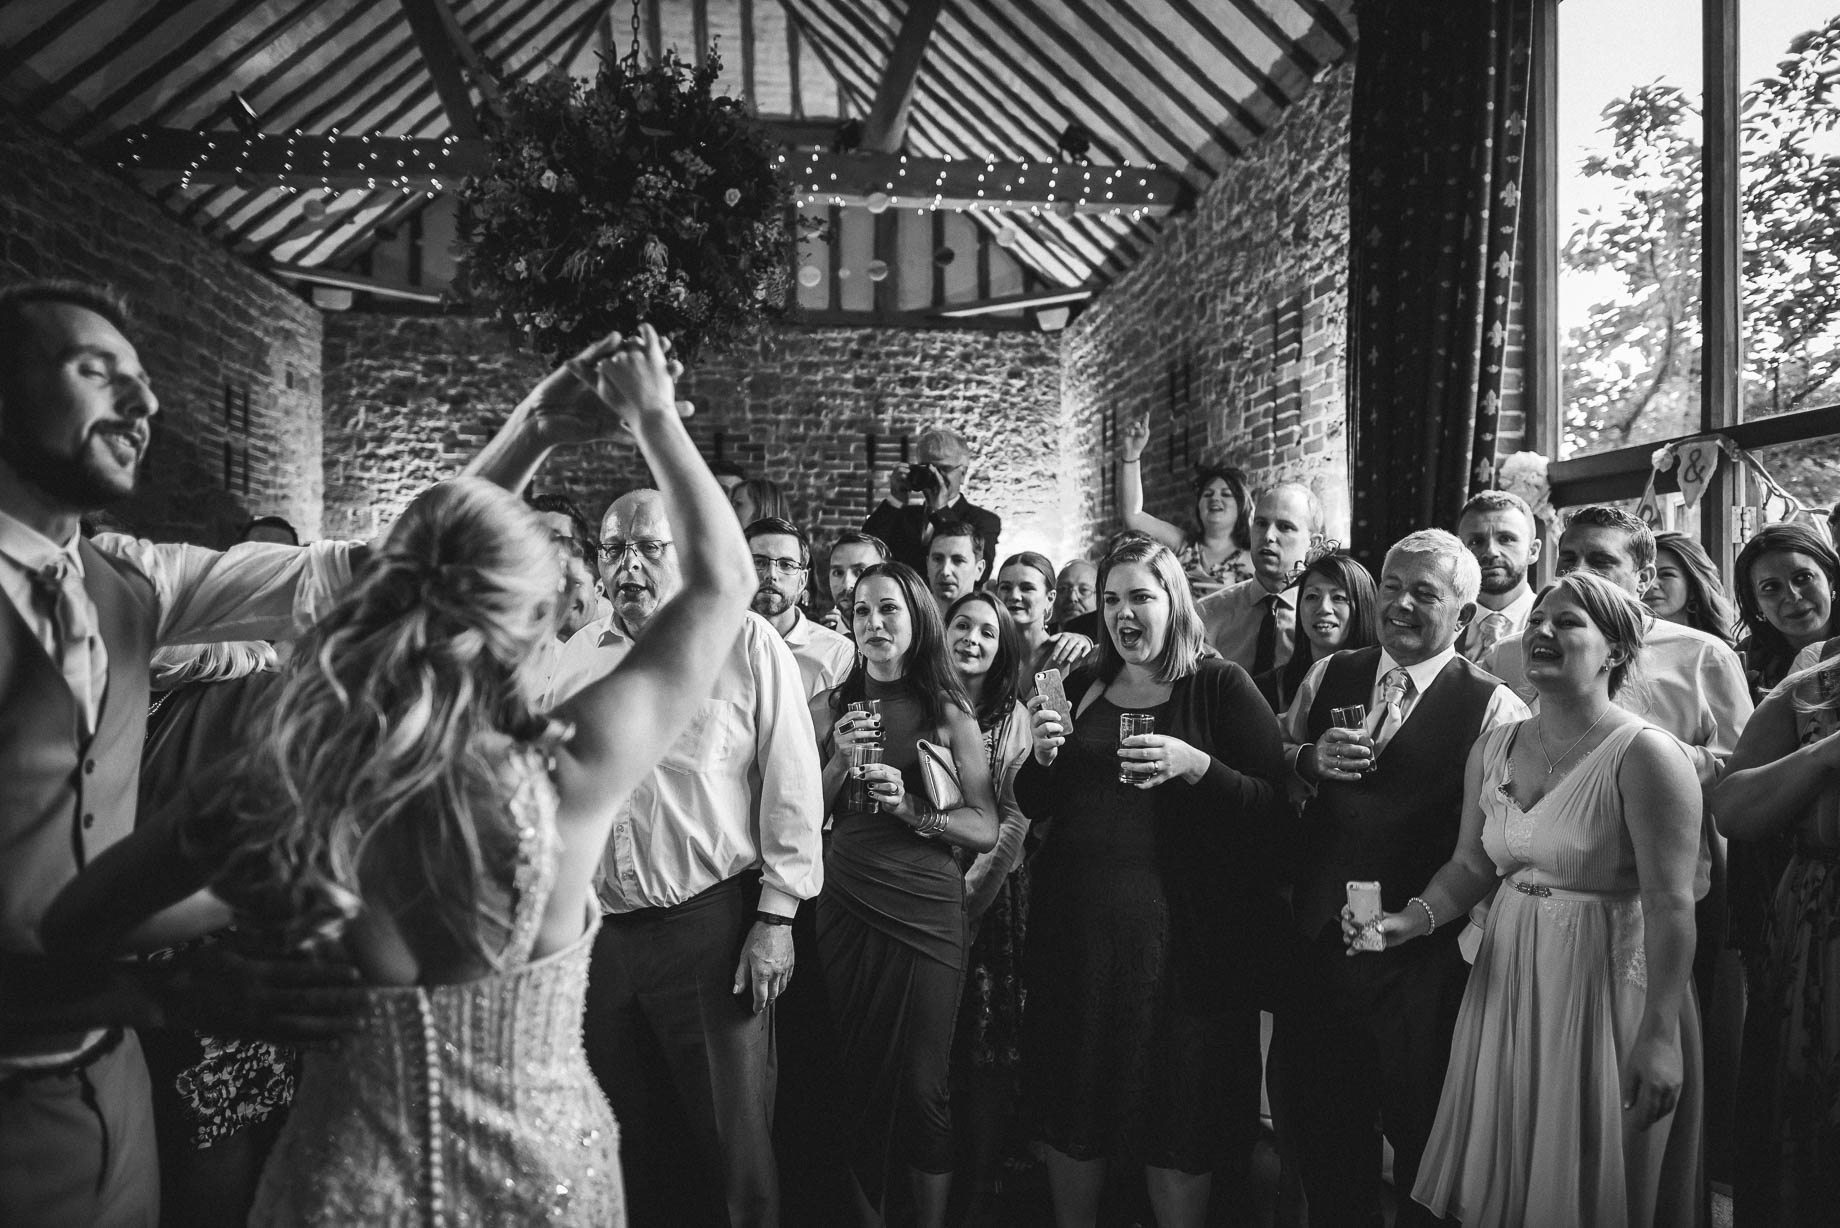 Bartholomew Barns wedding photography - Louise and Spencer (146 of 151)